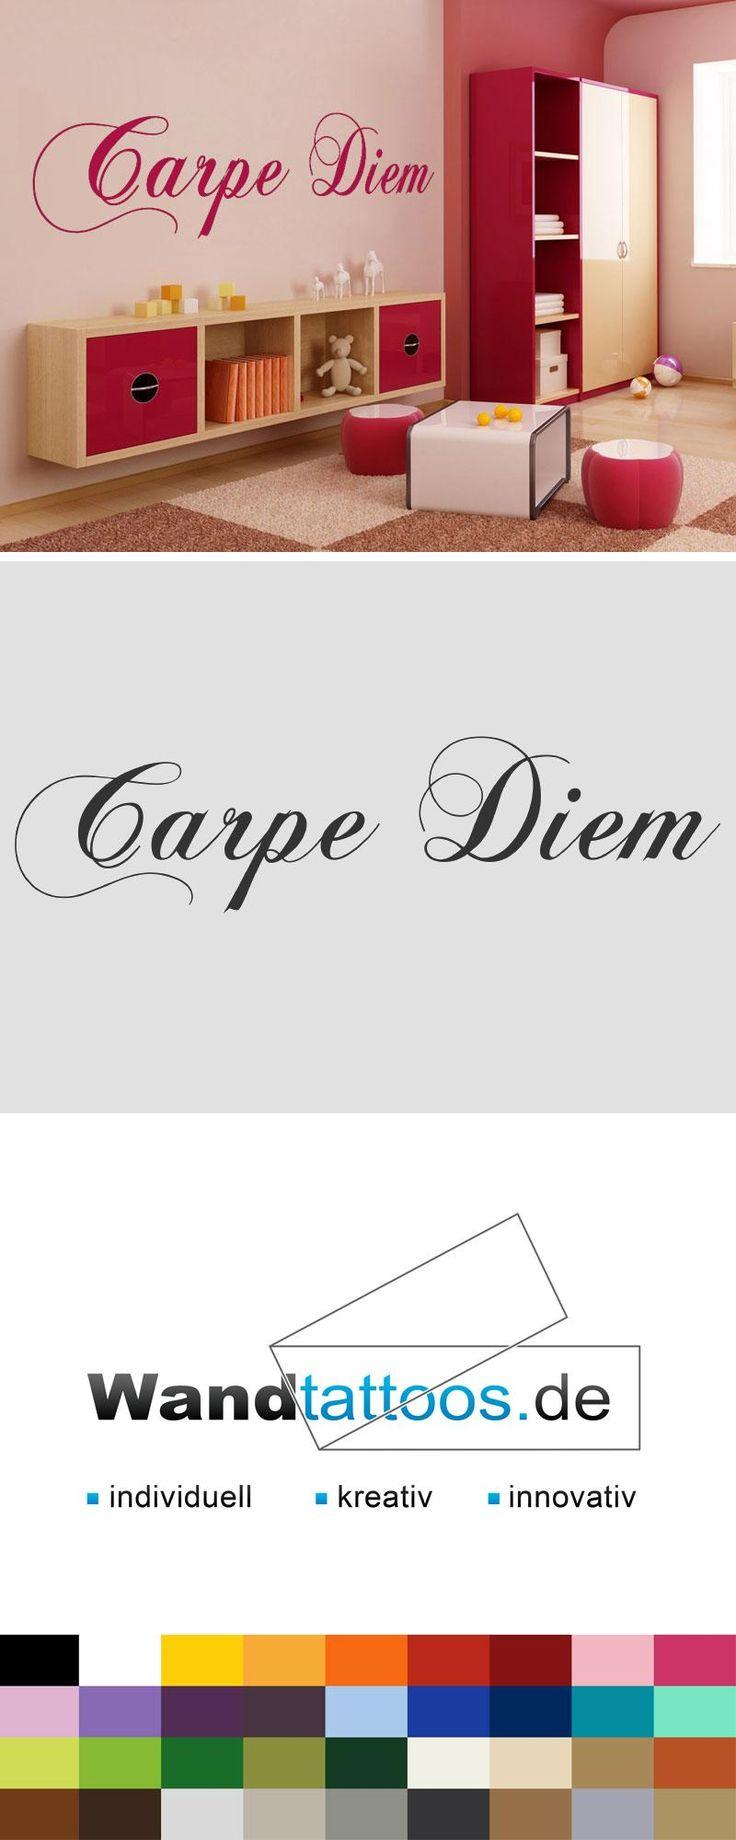 Wandtattoo Carpe Diem als Idee zur individuellen Wandgestaltung. Einfach Lieblingsfarbe und Größe auswählen. Weitere kreative Anregungen von Wandtattoos.de hier entdecken!